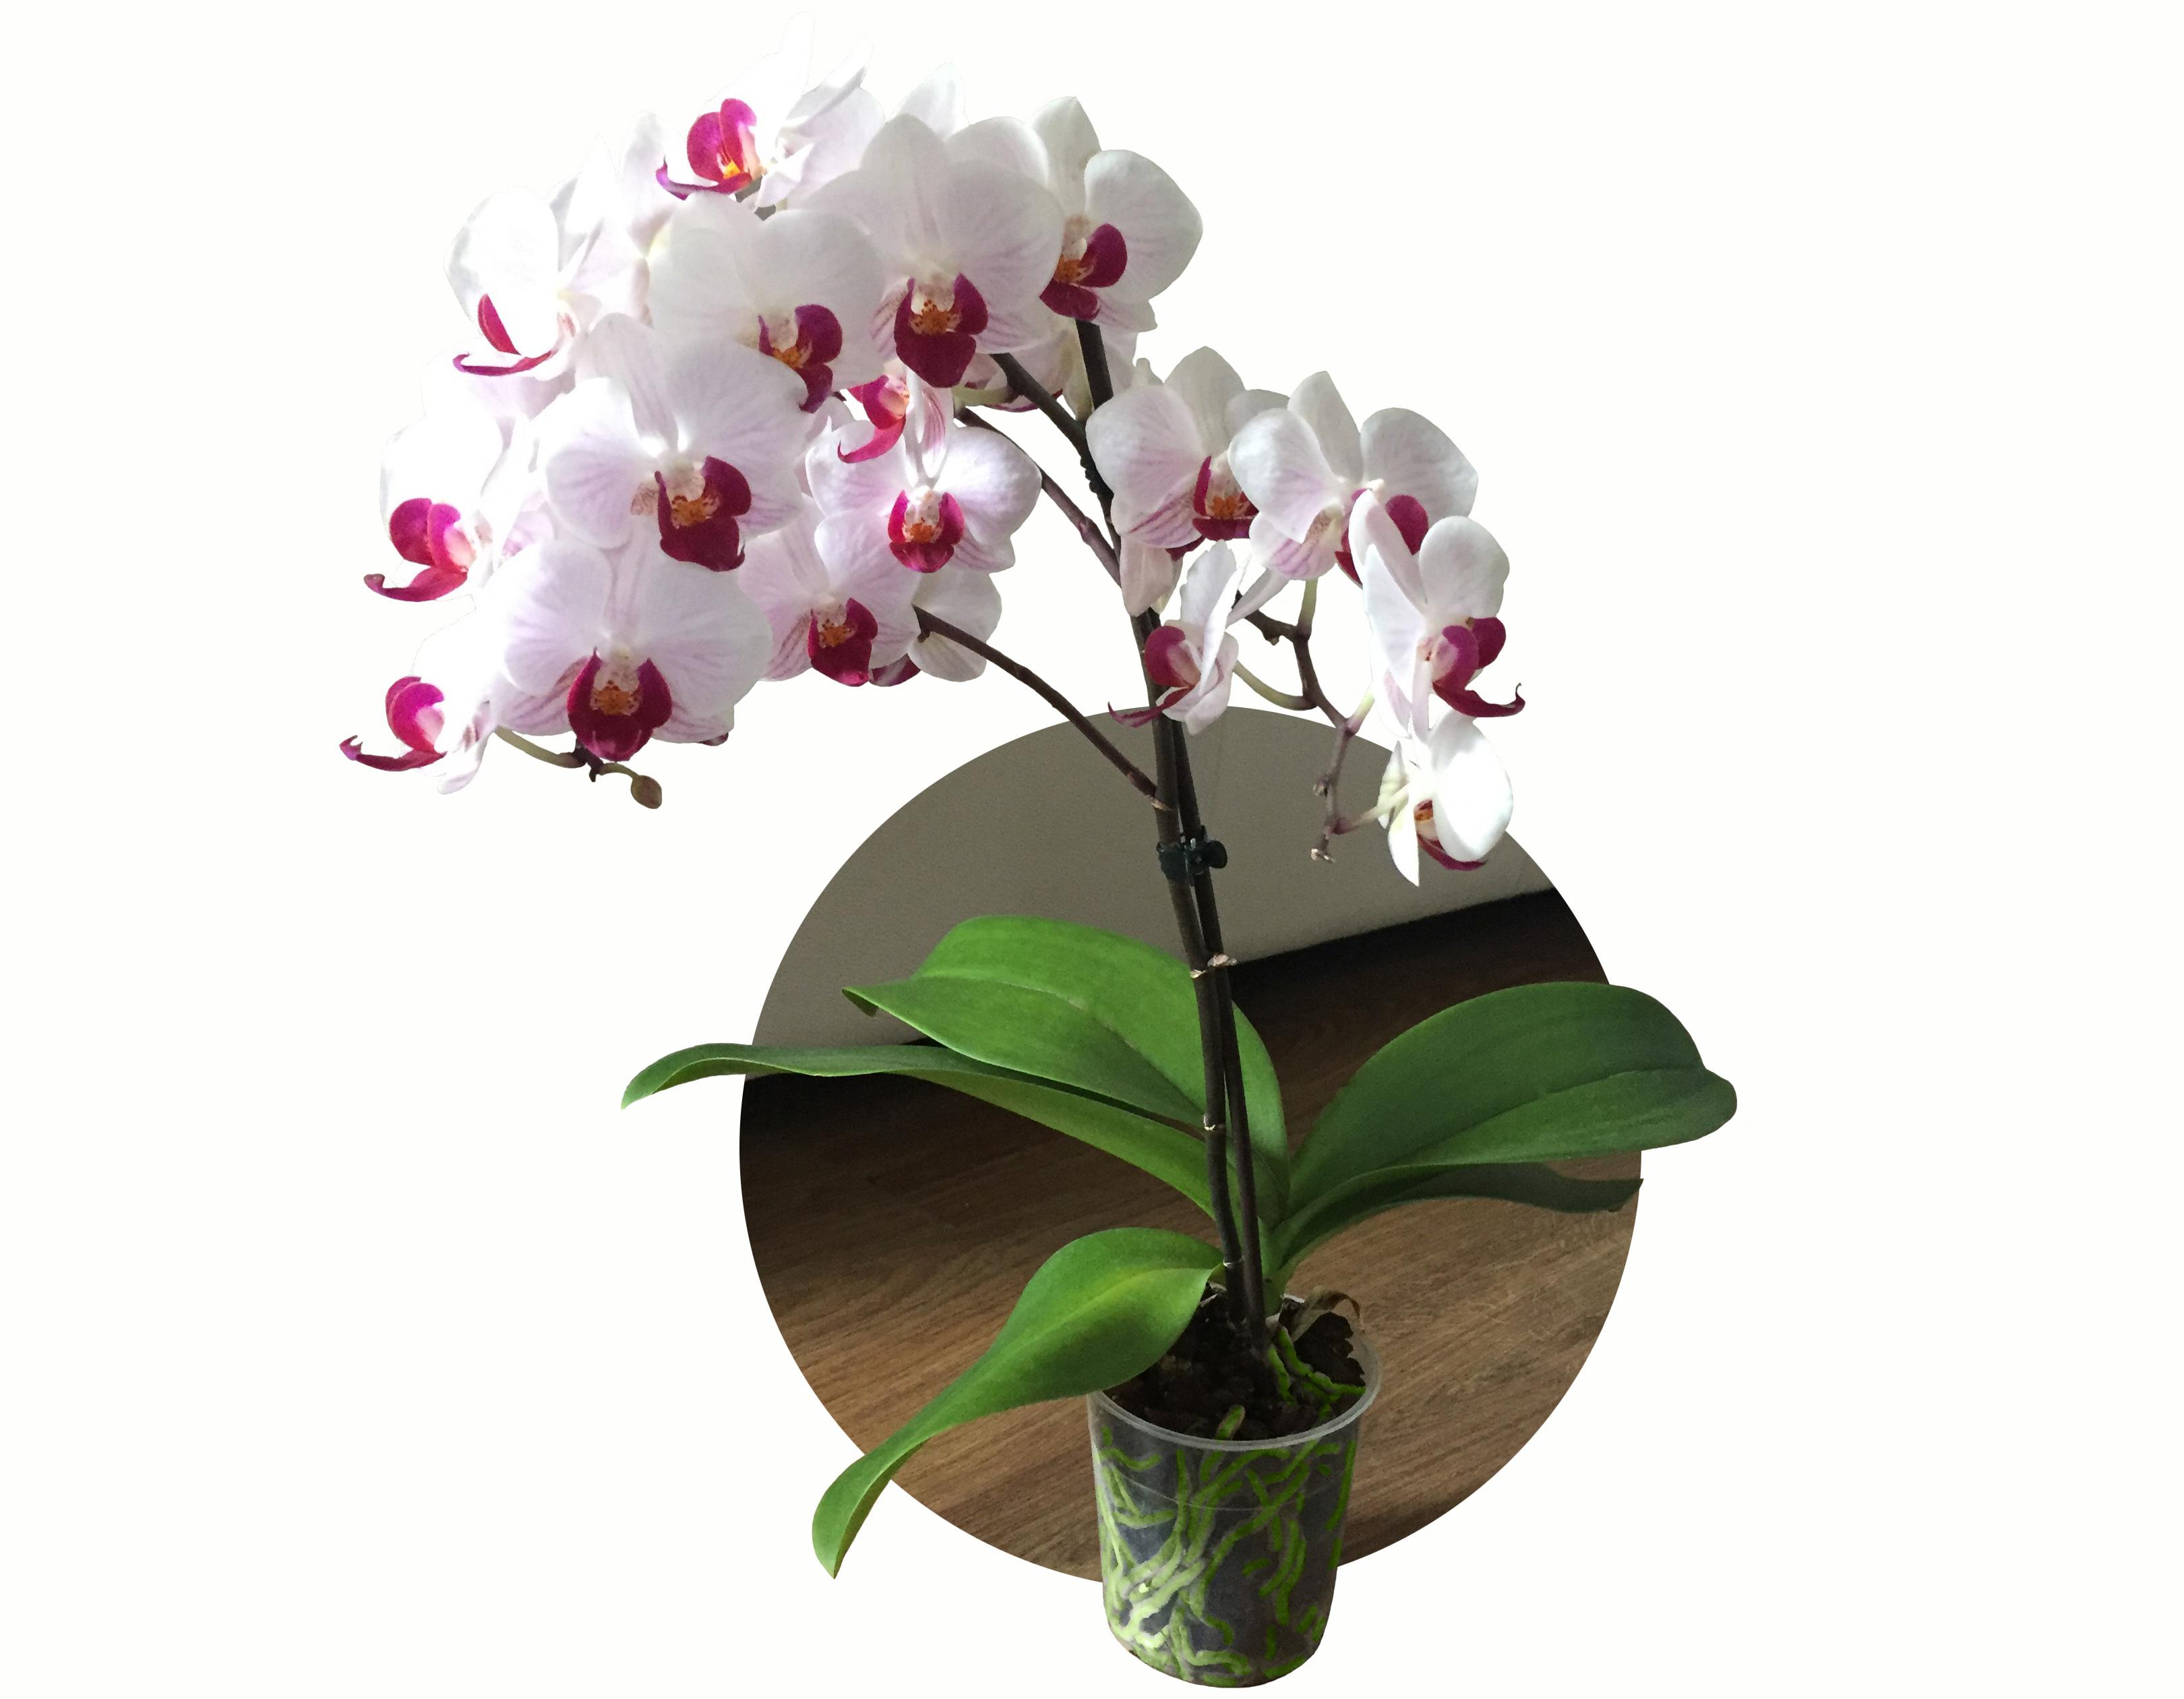 Come Curare Le Piante come curare le orchidee phalaenopsis in casa? - mercato dei